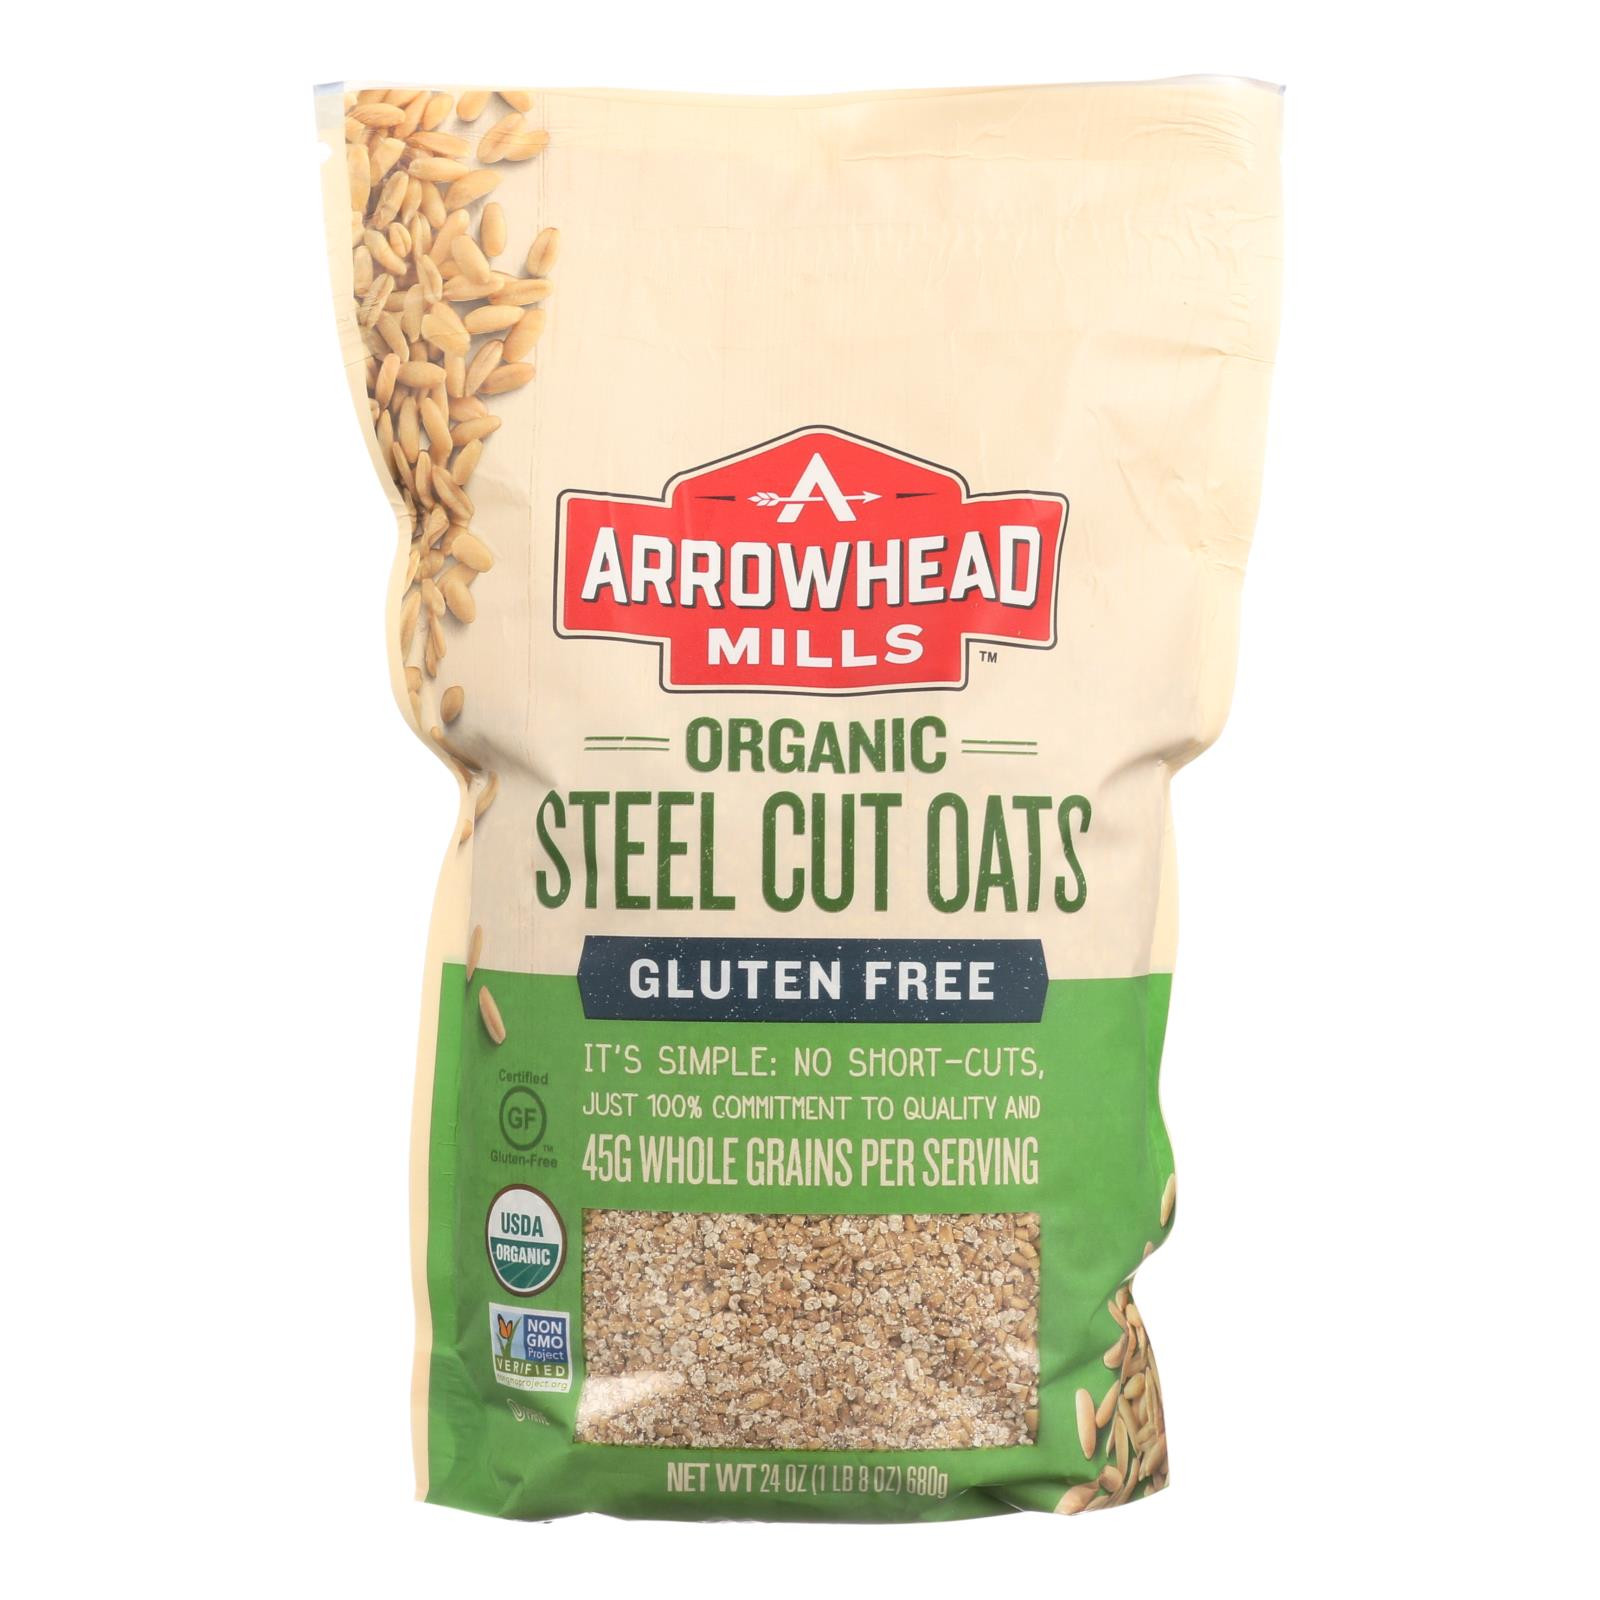 Steel Cut Oats Gluten  Arrowhead Mills Oats Steel Cut Gluten Free Case